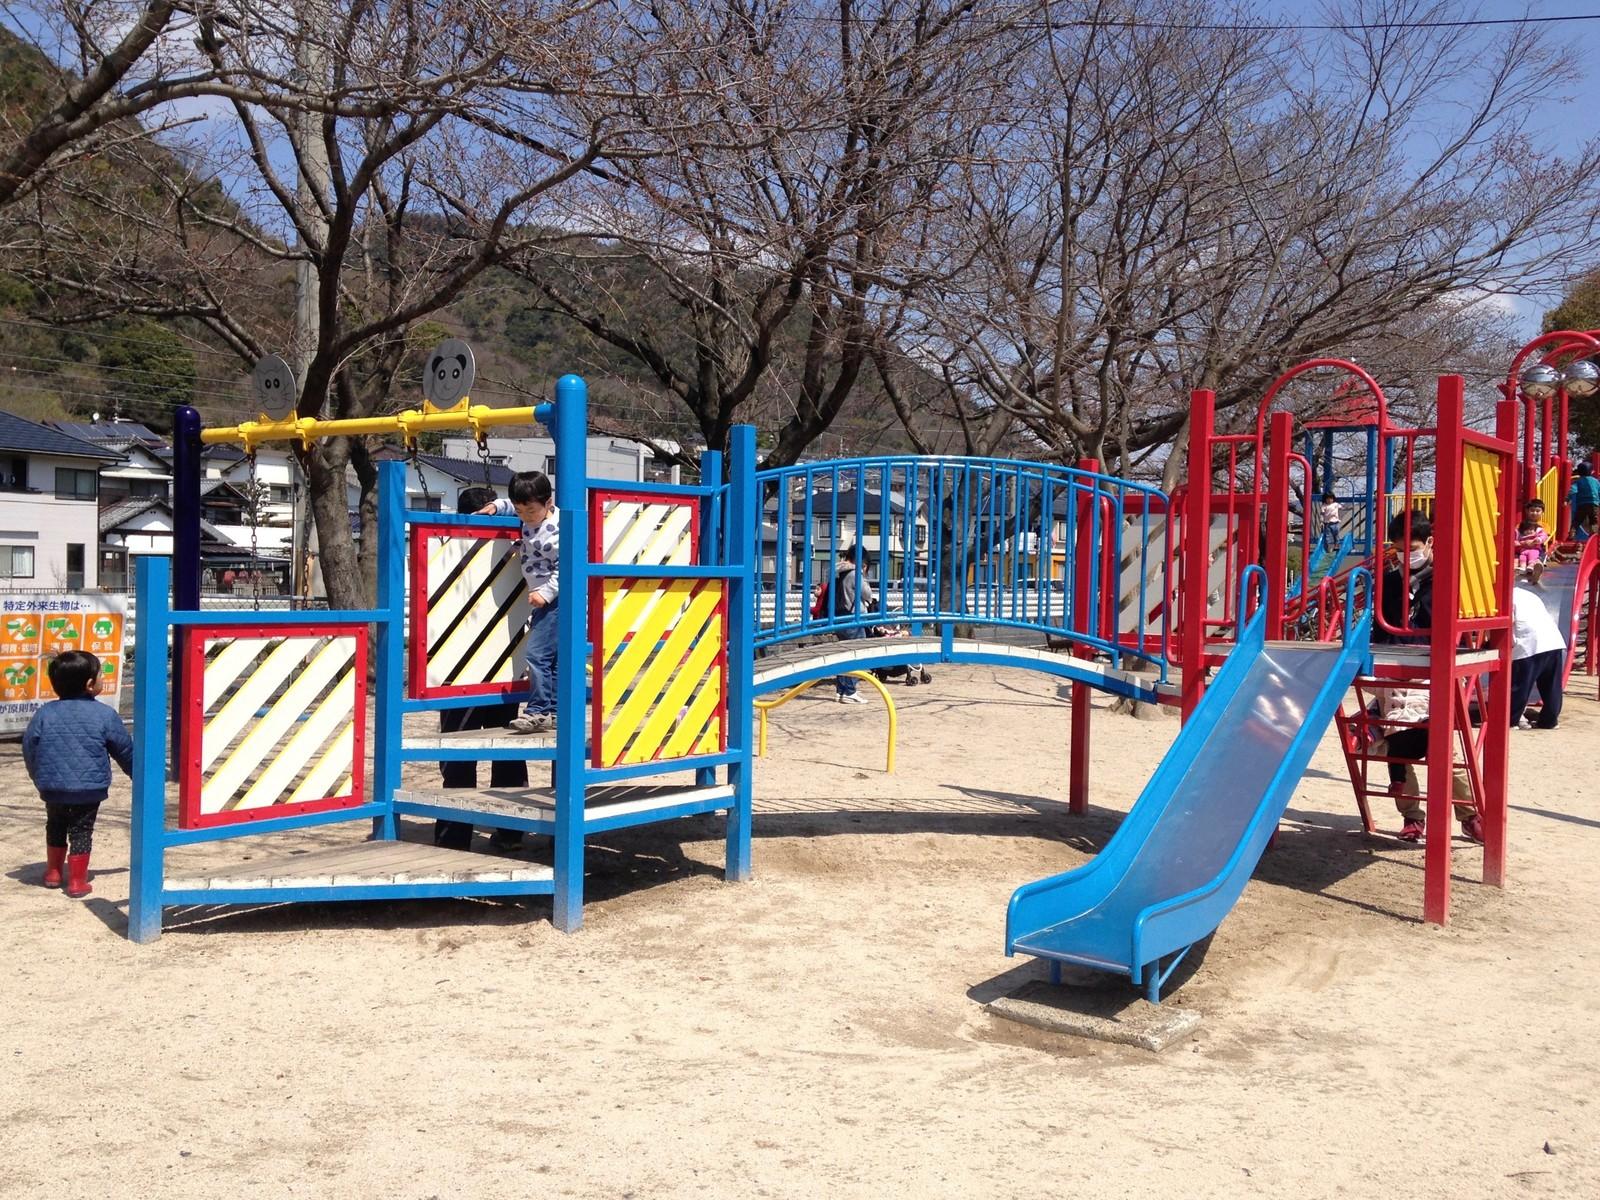 石原公園(海田町) : 子どもといっしょに何する?@広島